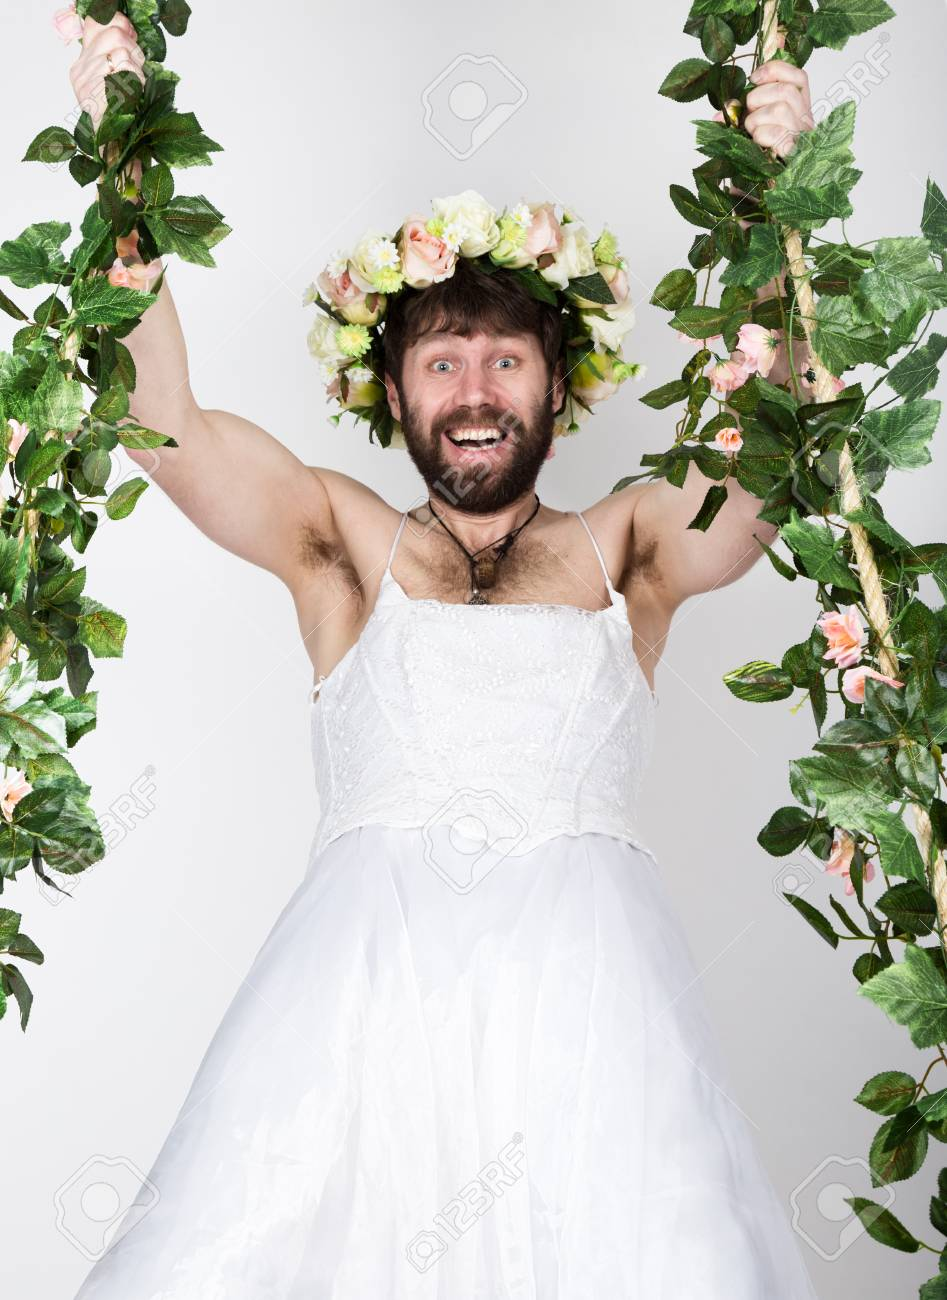 e3e9e7c70 Hombre Barbudo Con El Vestido De Novia De Una Mujer En Su Cuerpo Desnudo